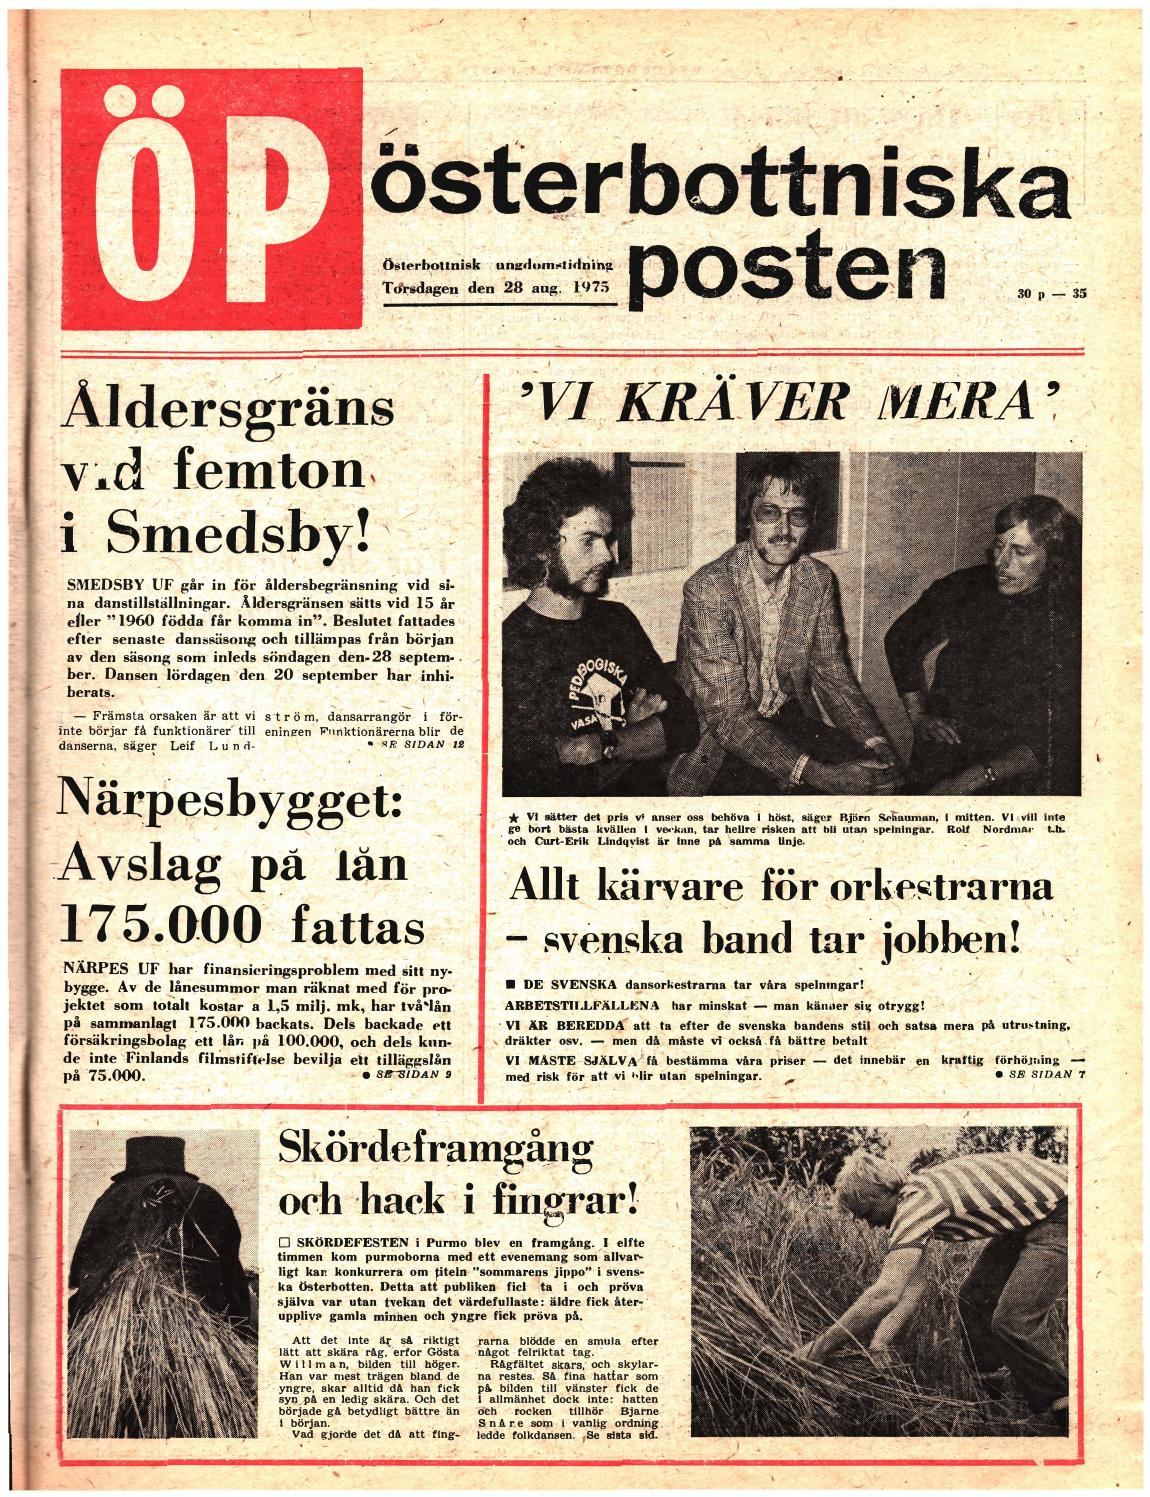 Österbottniska Posten (ÖP) nr. 35 1975 by Österbottniska Posten - issuu 49a9a7c991810